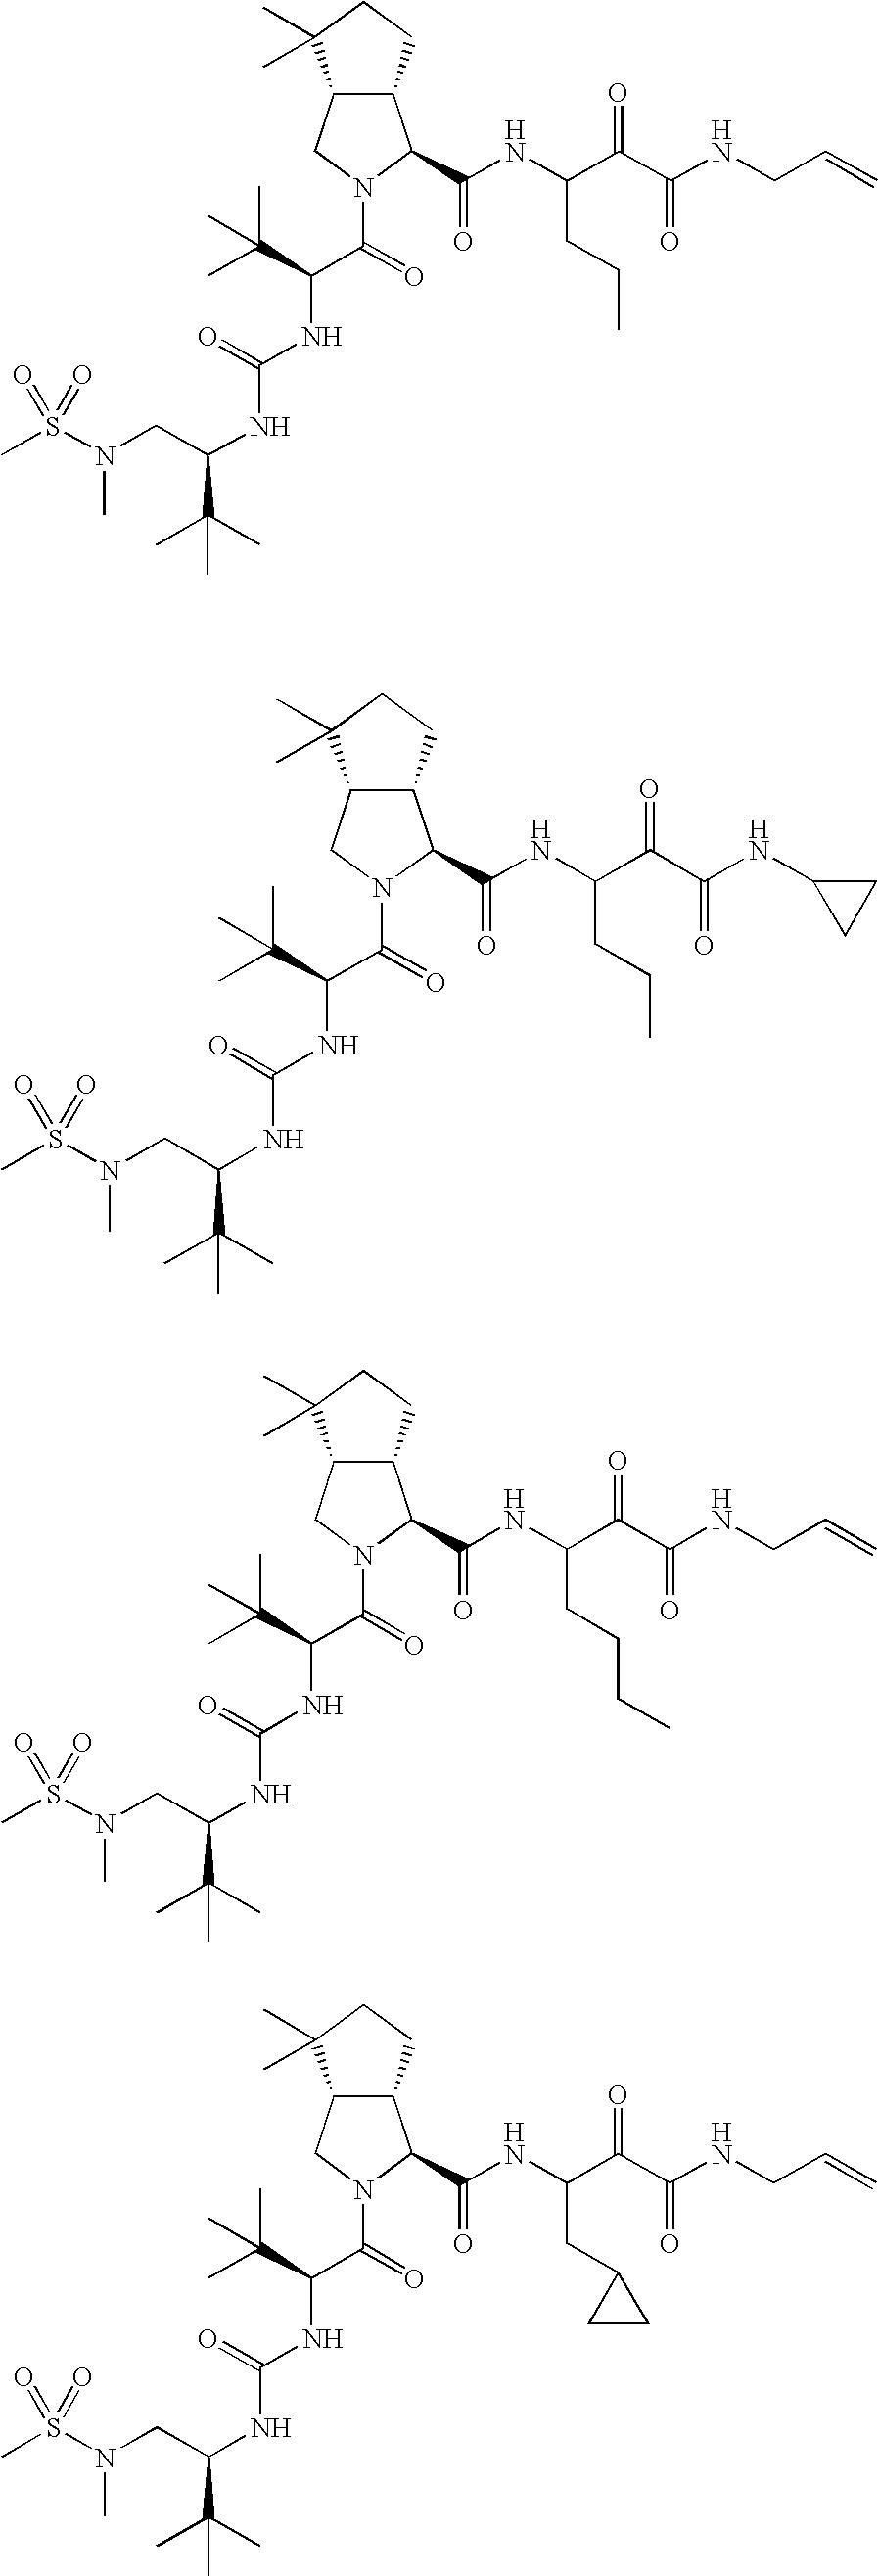 Figure US20060287248A1-20061221-C00513